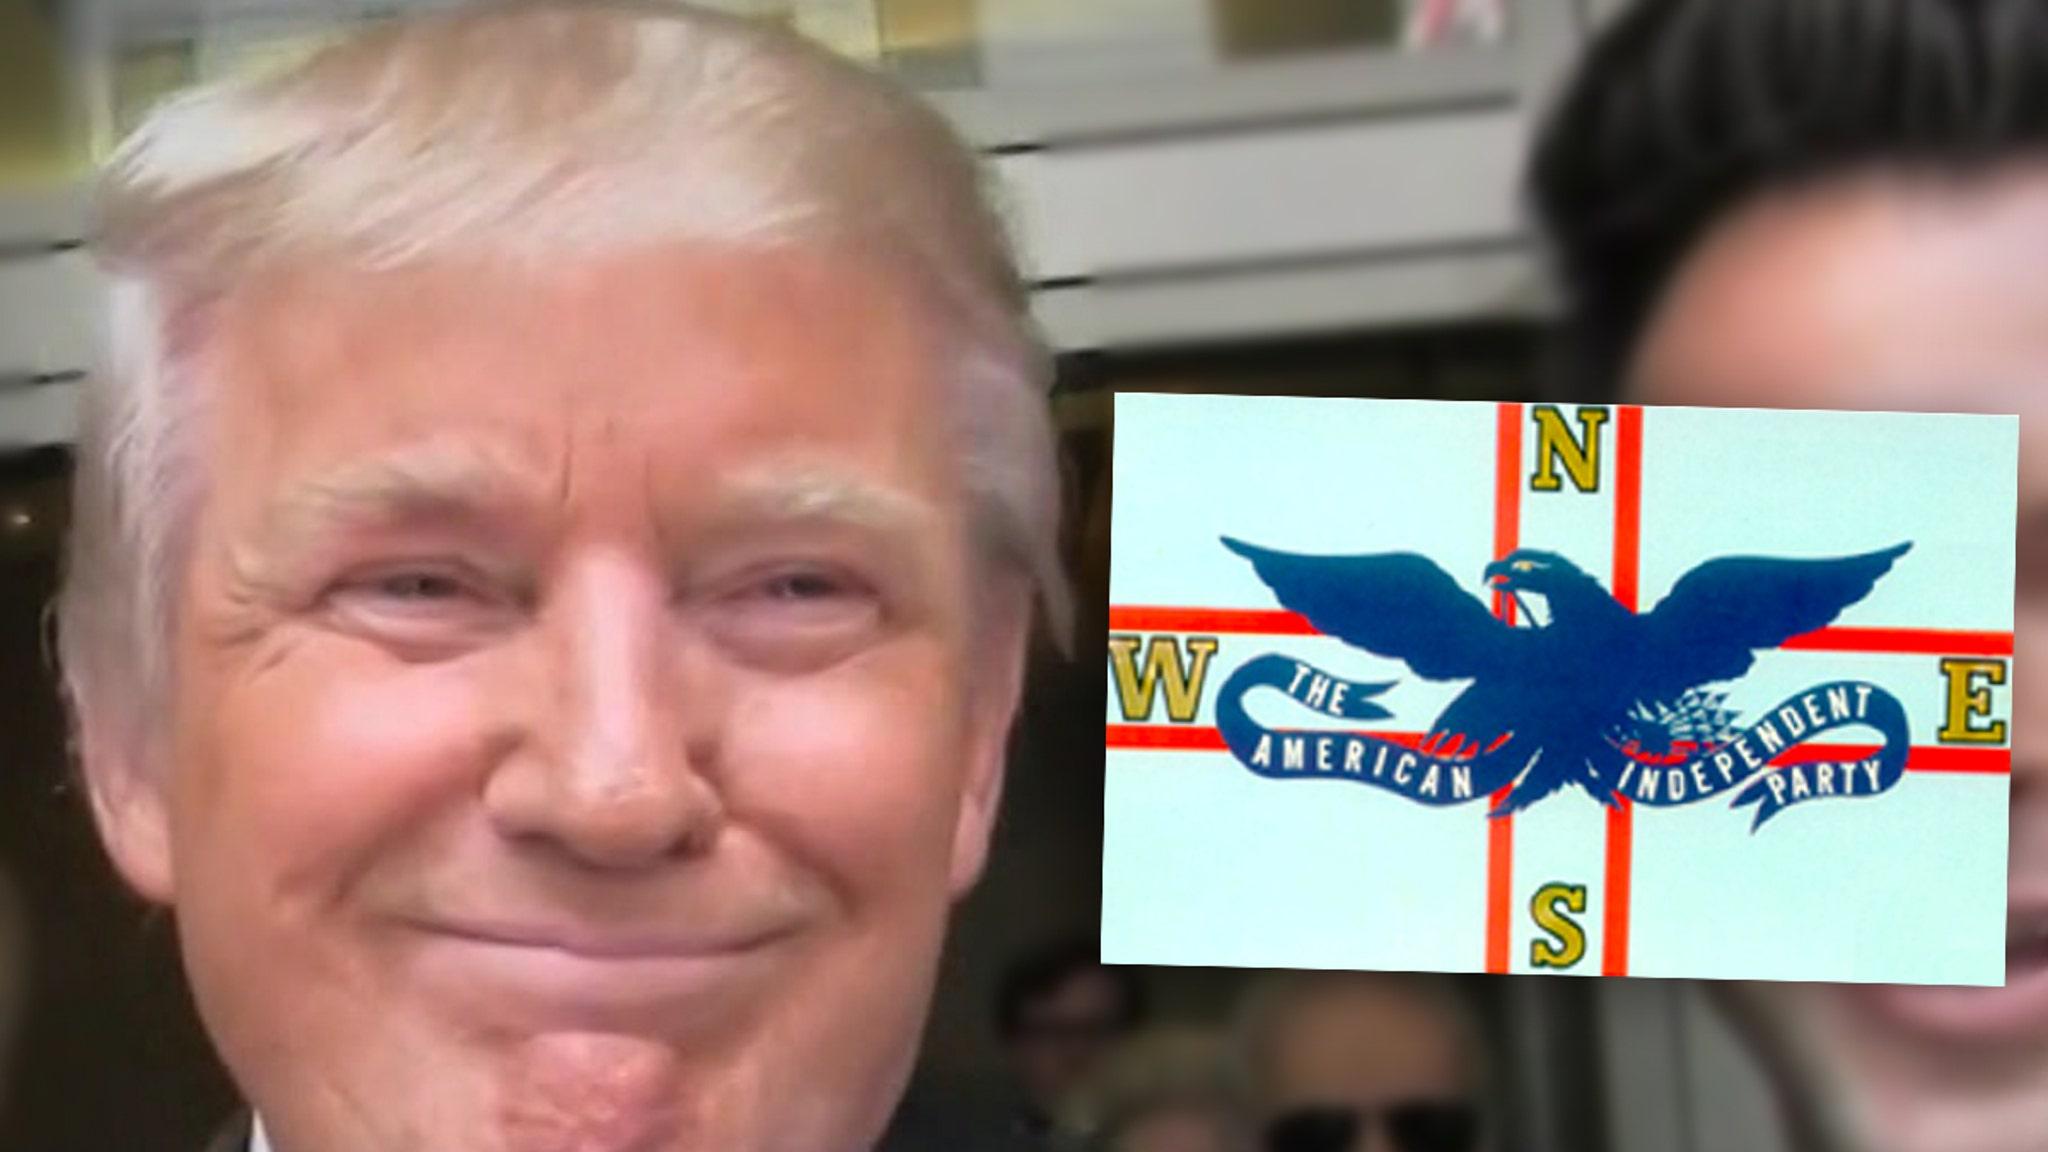 Американская независимая партия планирует назначить Трампа в 2024 году, если он будет баллотироваться